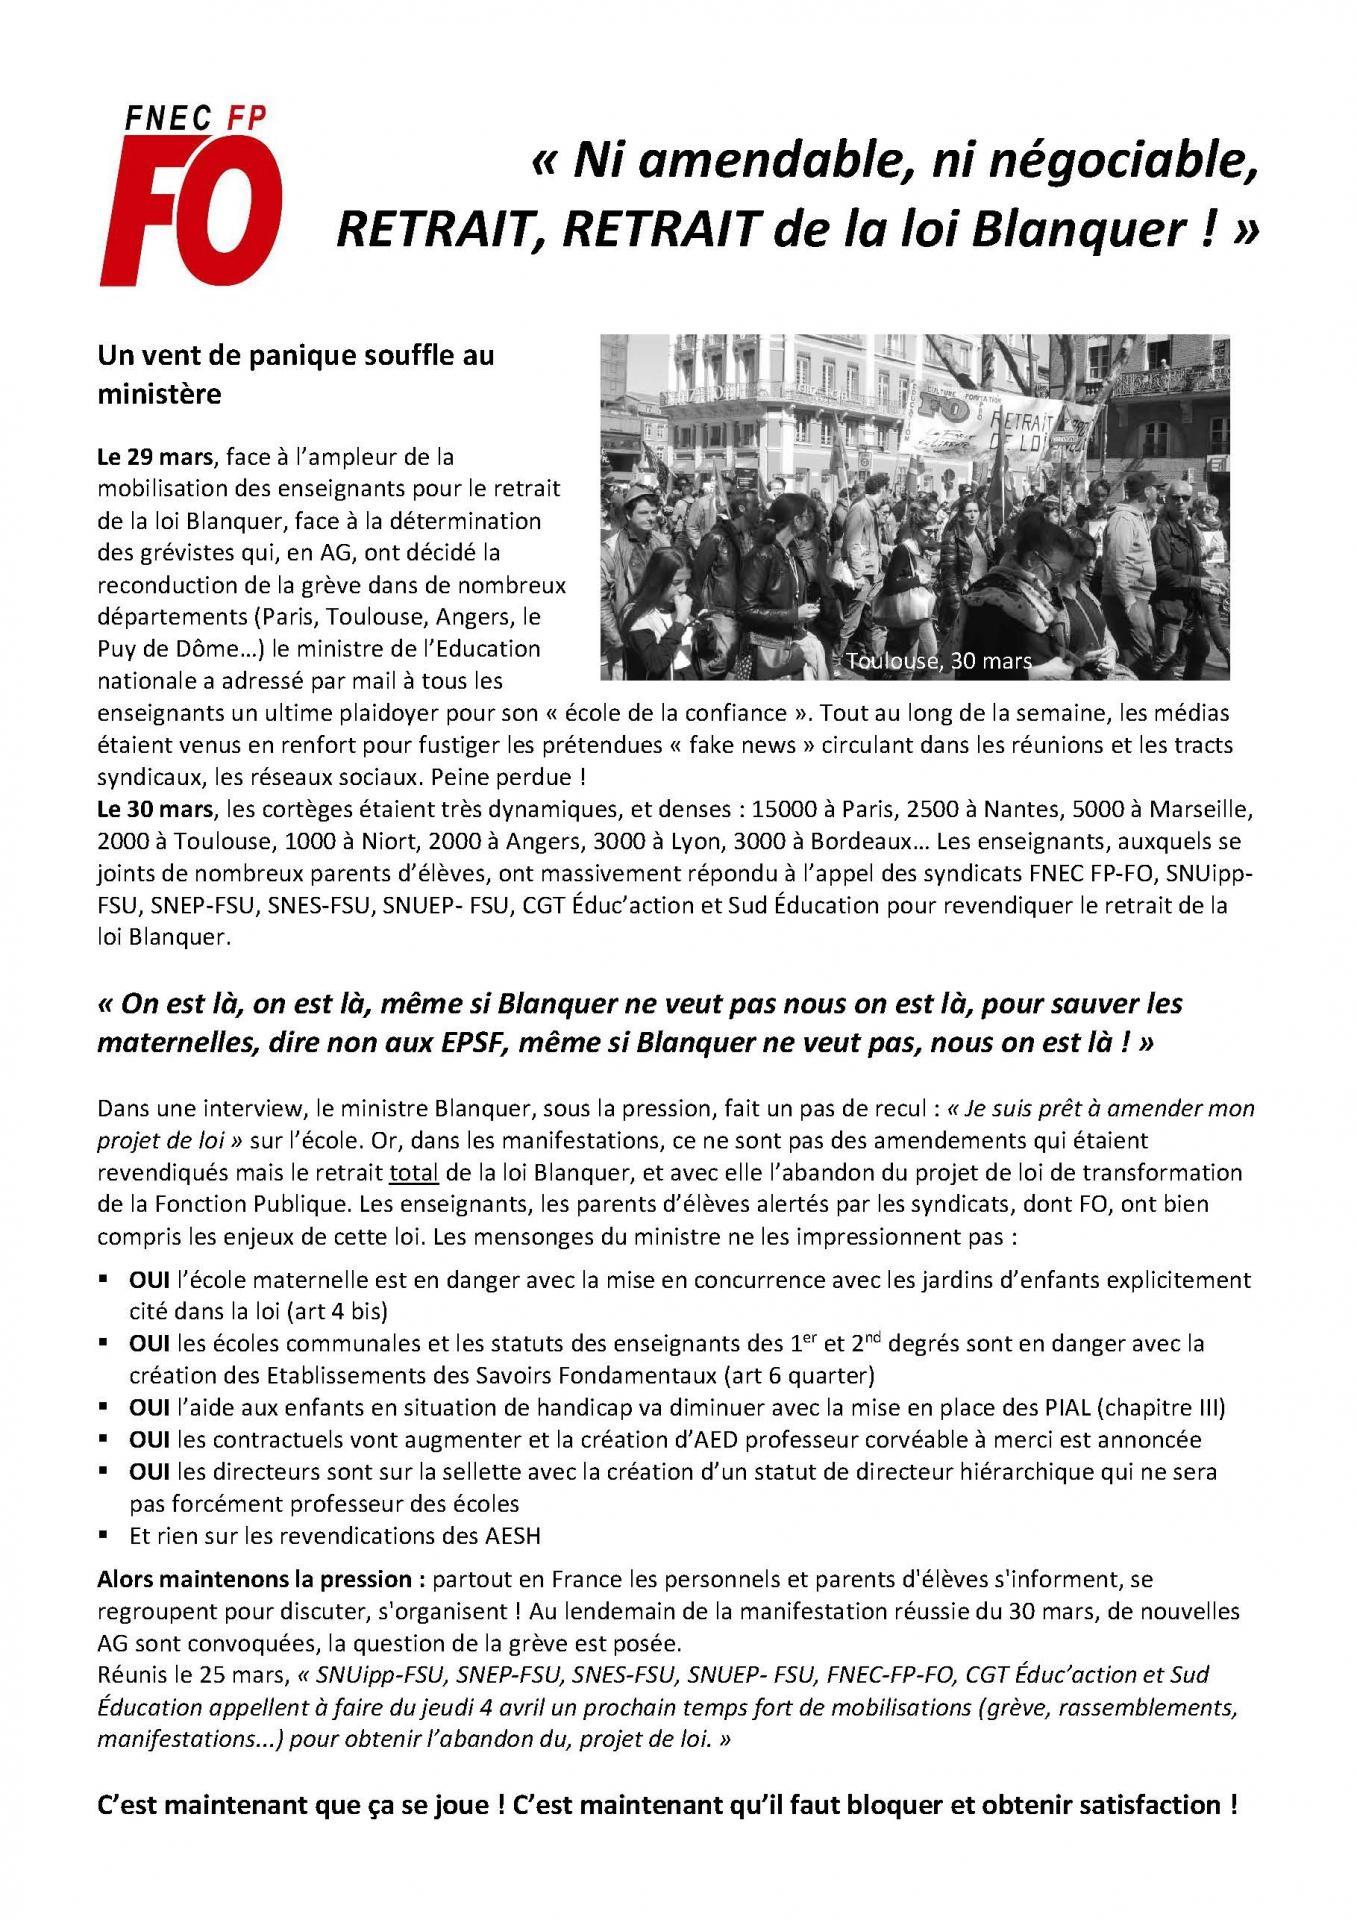 Ni amendable ni negociable retrait de la loi blanquer